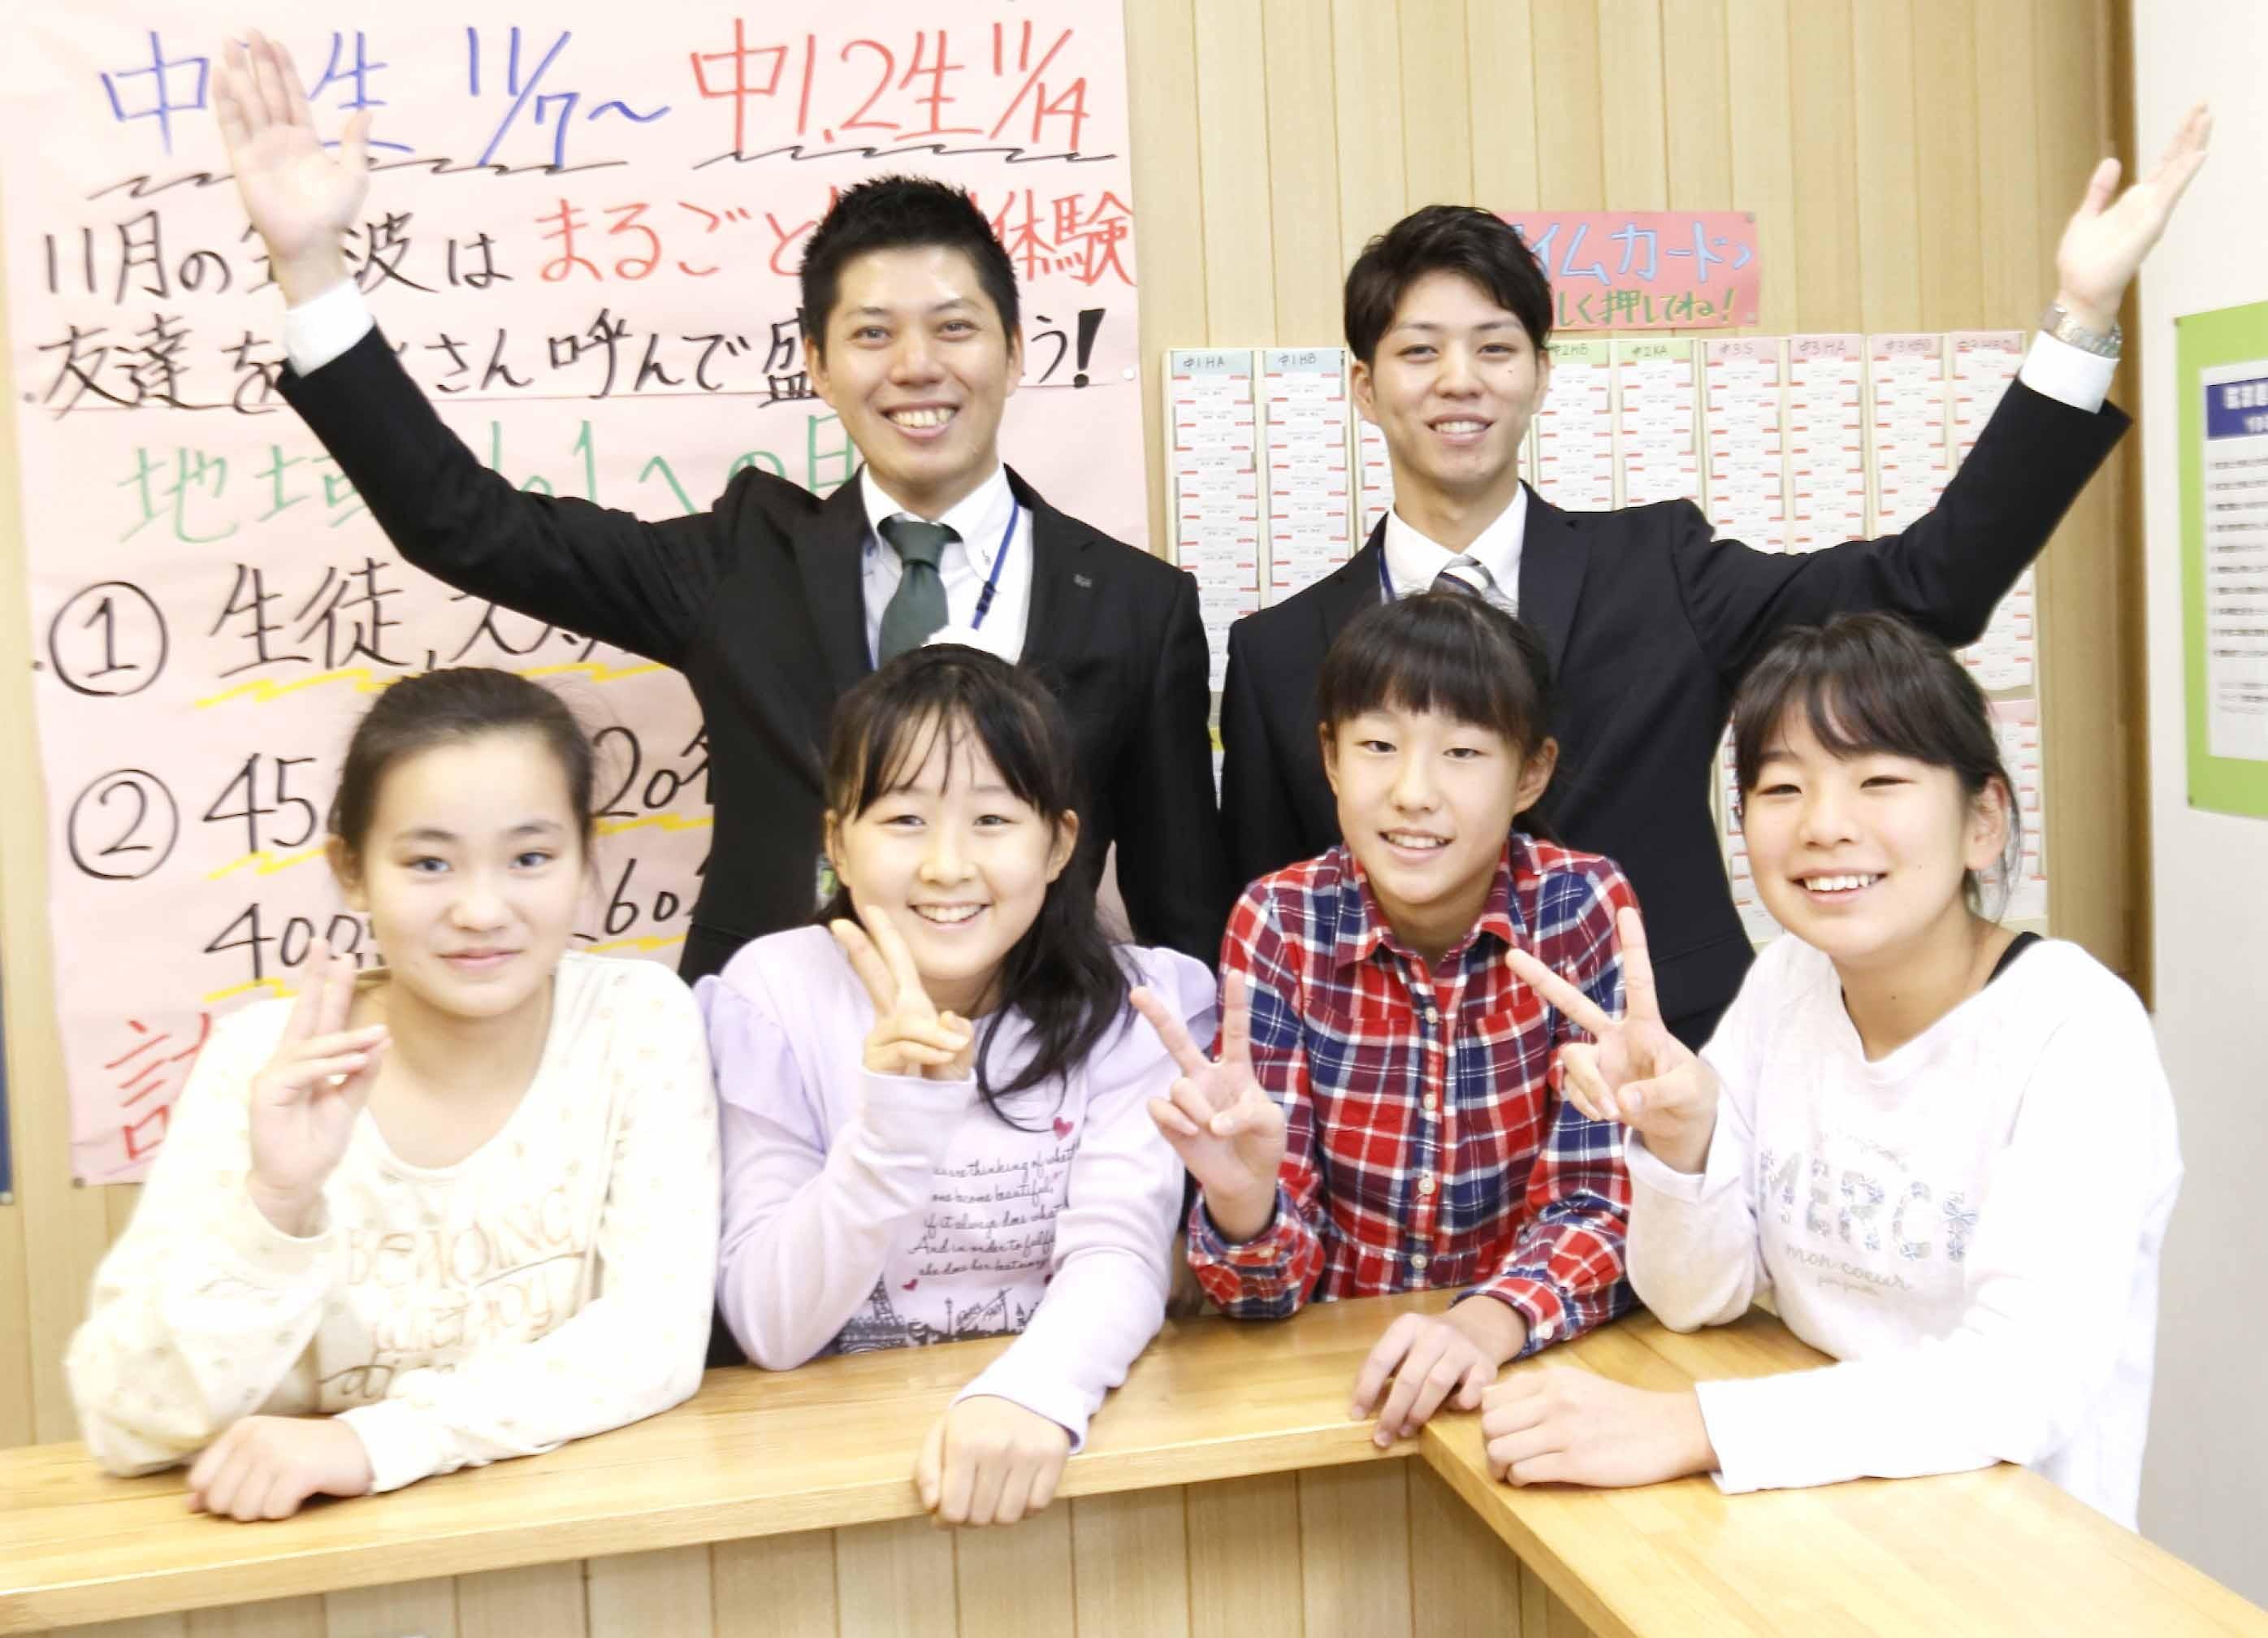 筑波進研スクール 笹目教室のアルバイト情報